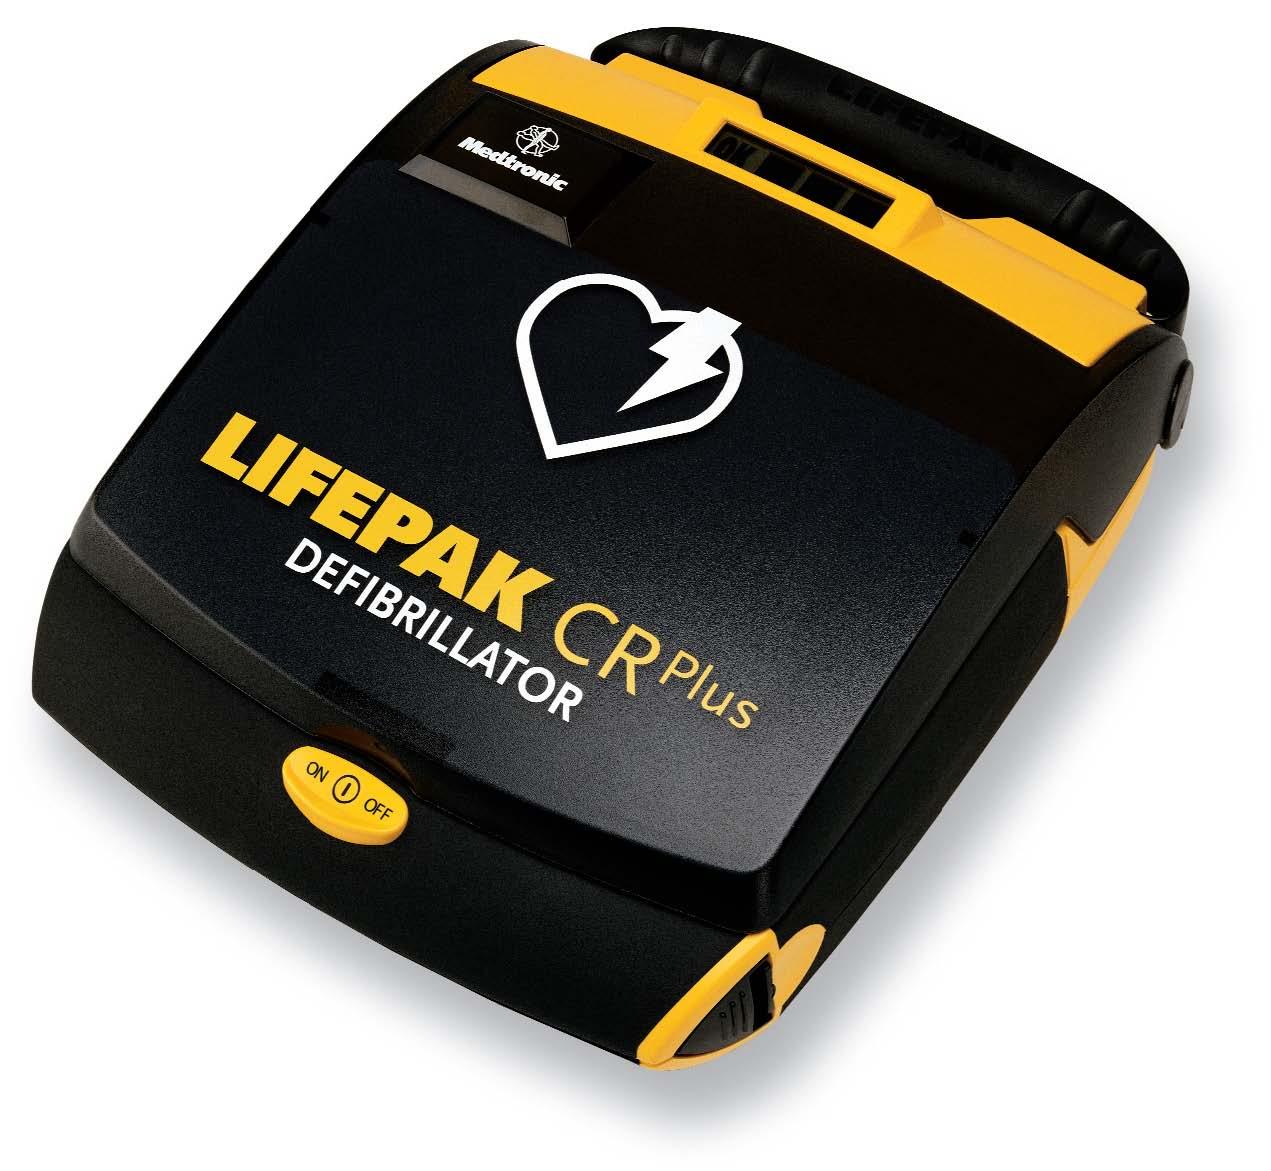 LIFEPAK CRPlus AED